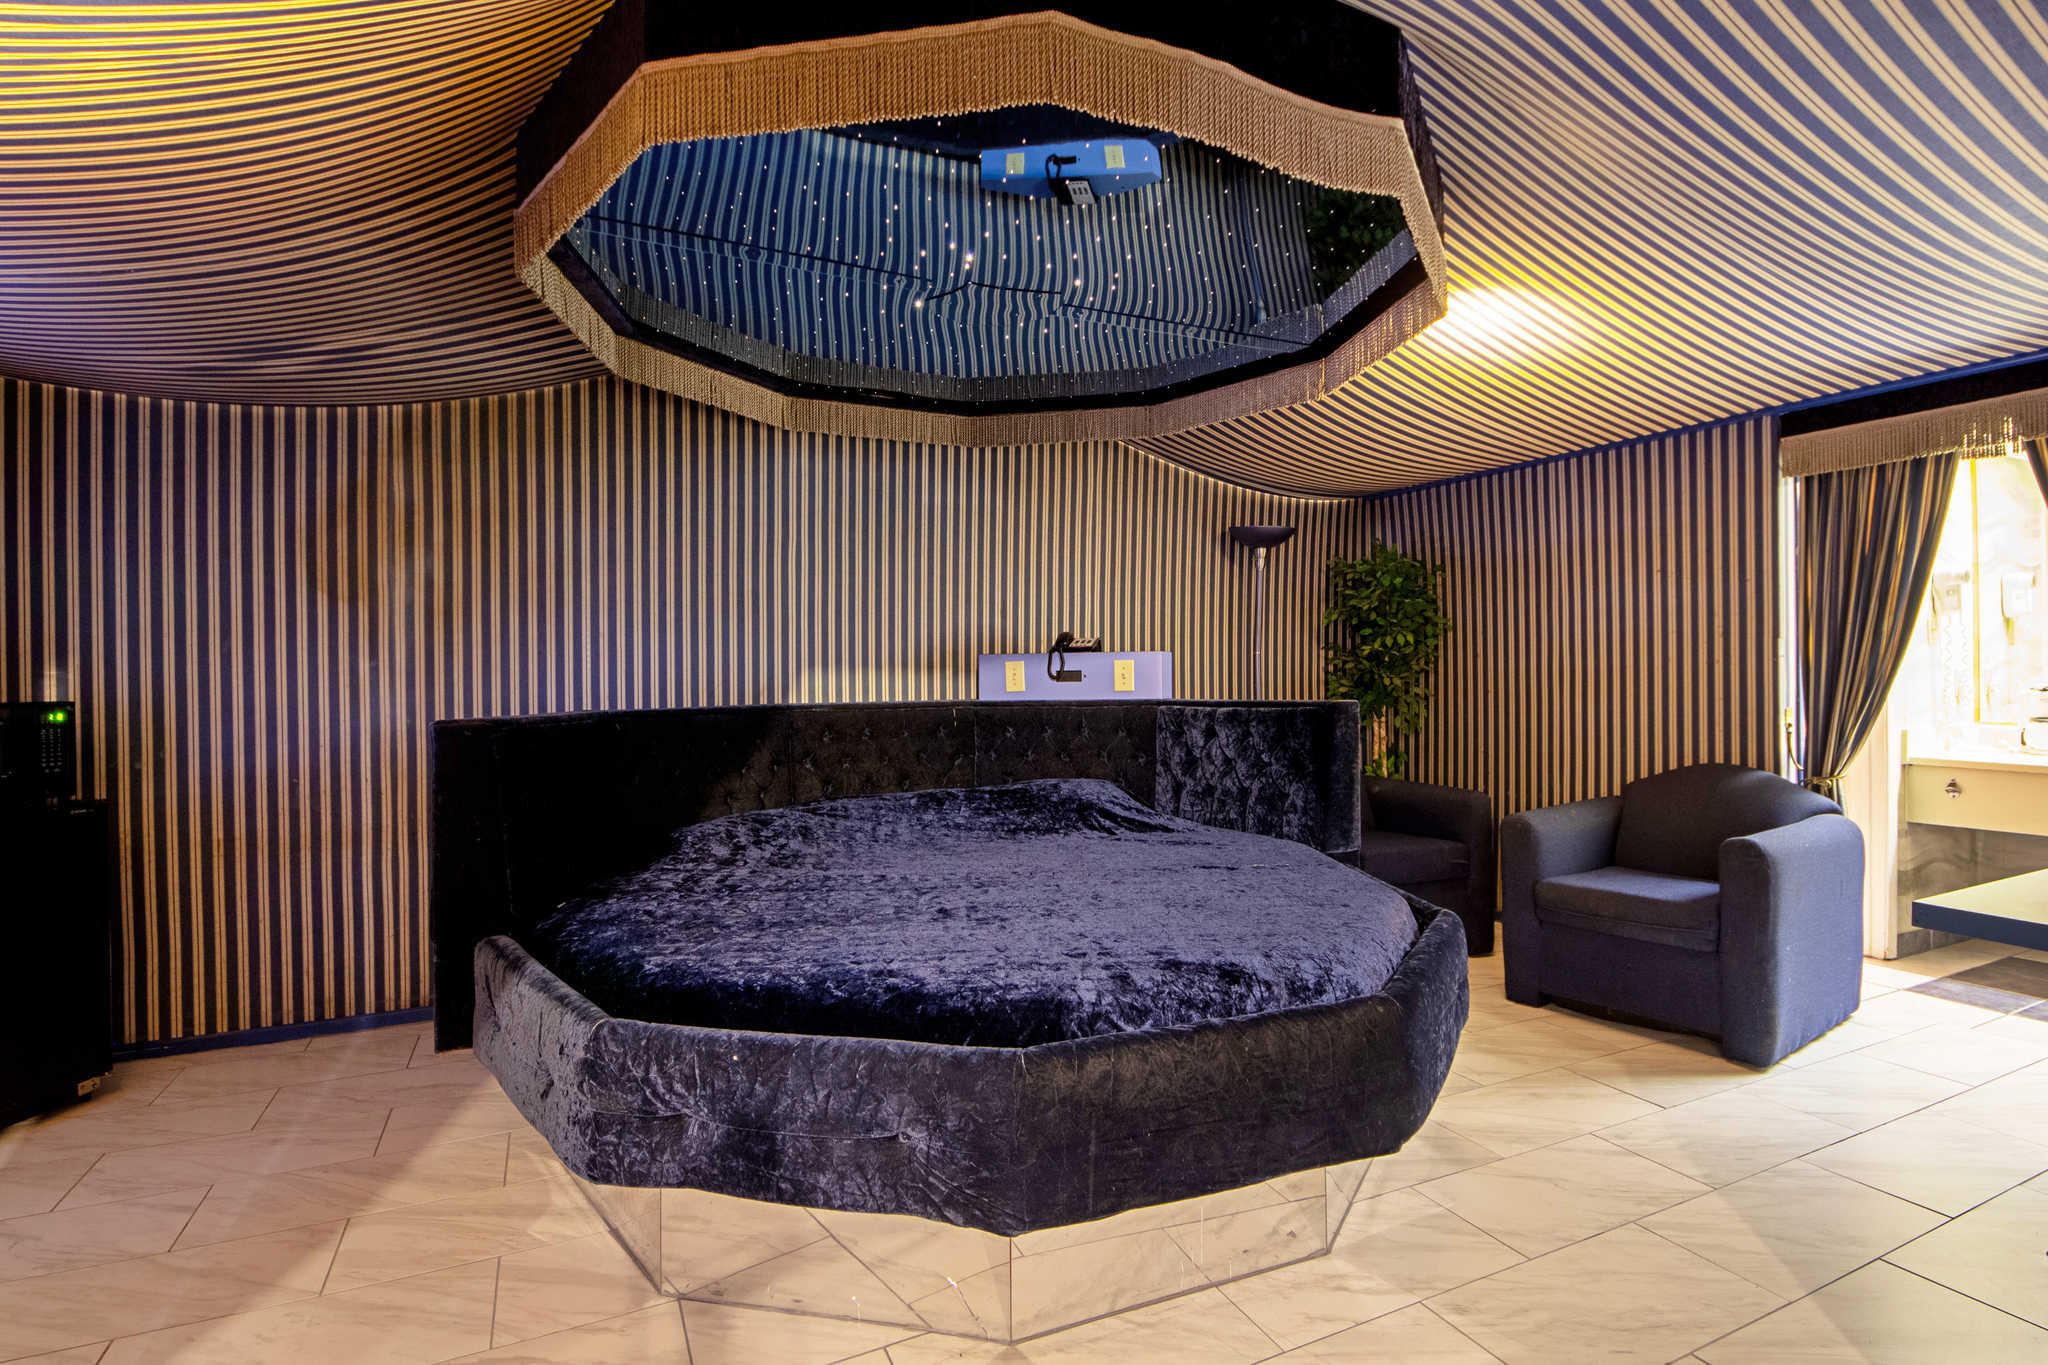 Rodeway Inn & Suites image 49